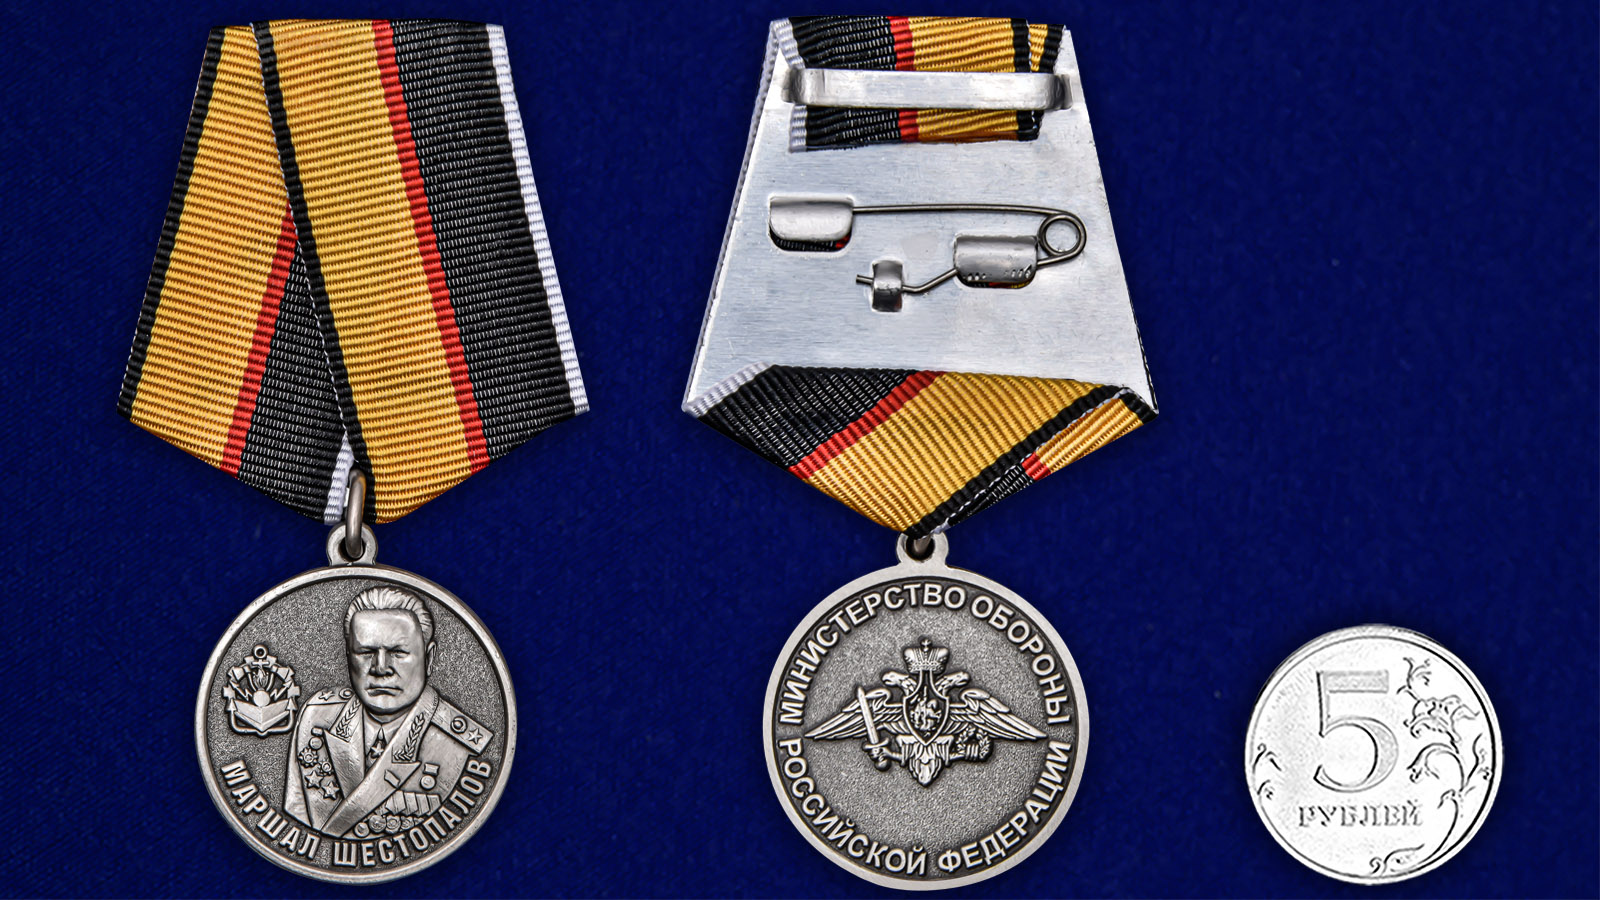 Латунная медаль Маршал Шестопалов МО РФ - сравнительный вид